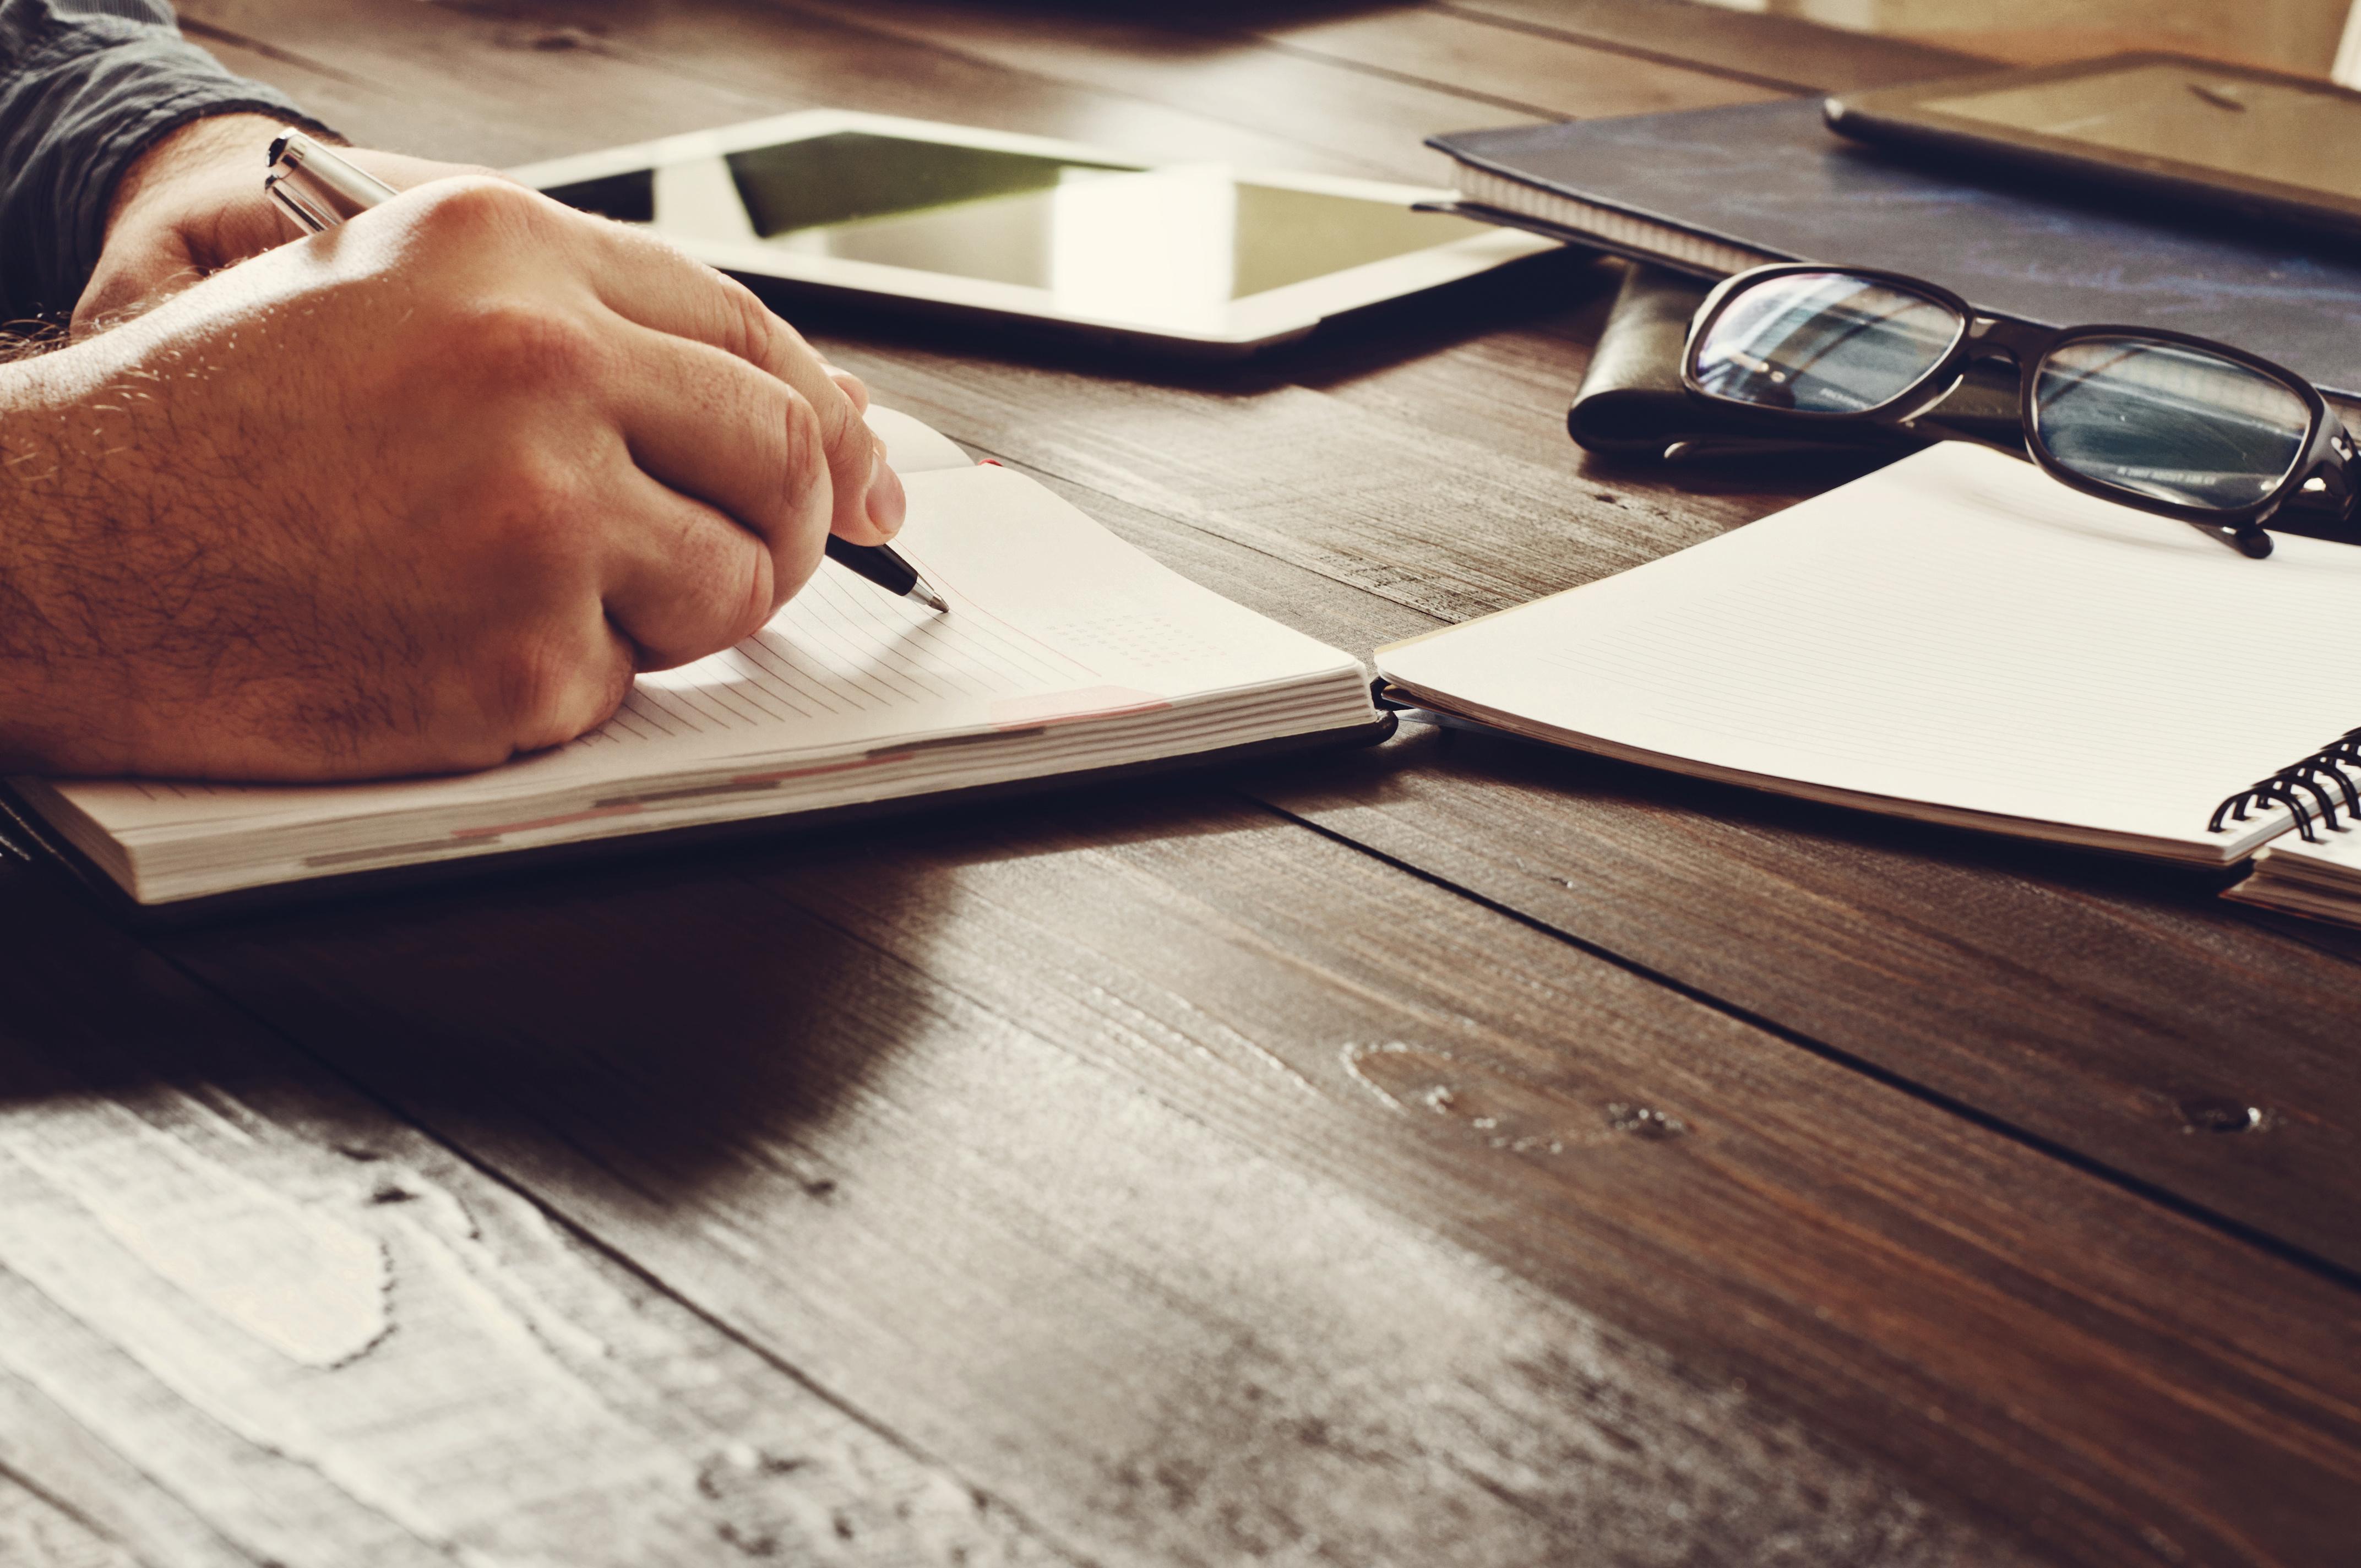 Contratto A Termine: Come Personalizzare Il Termine E Le Causali